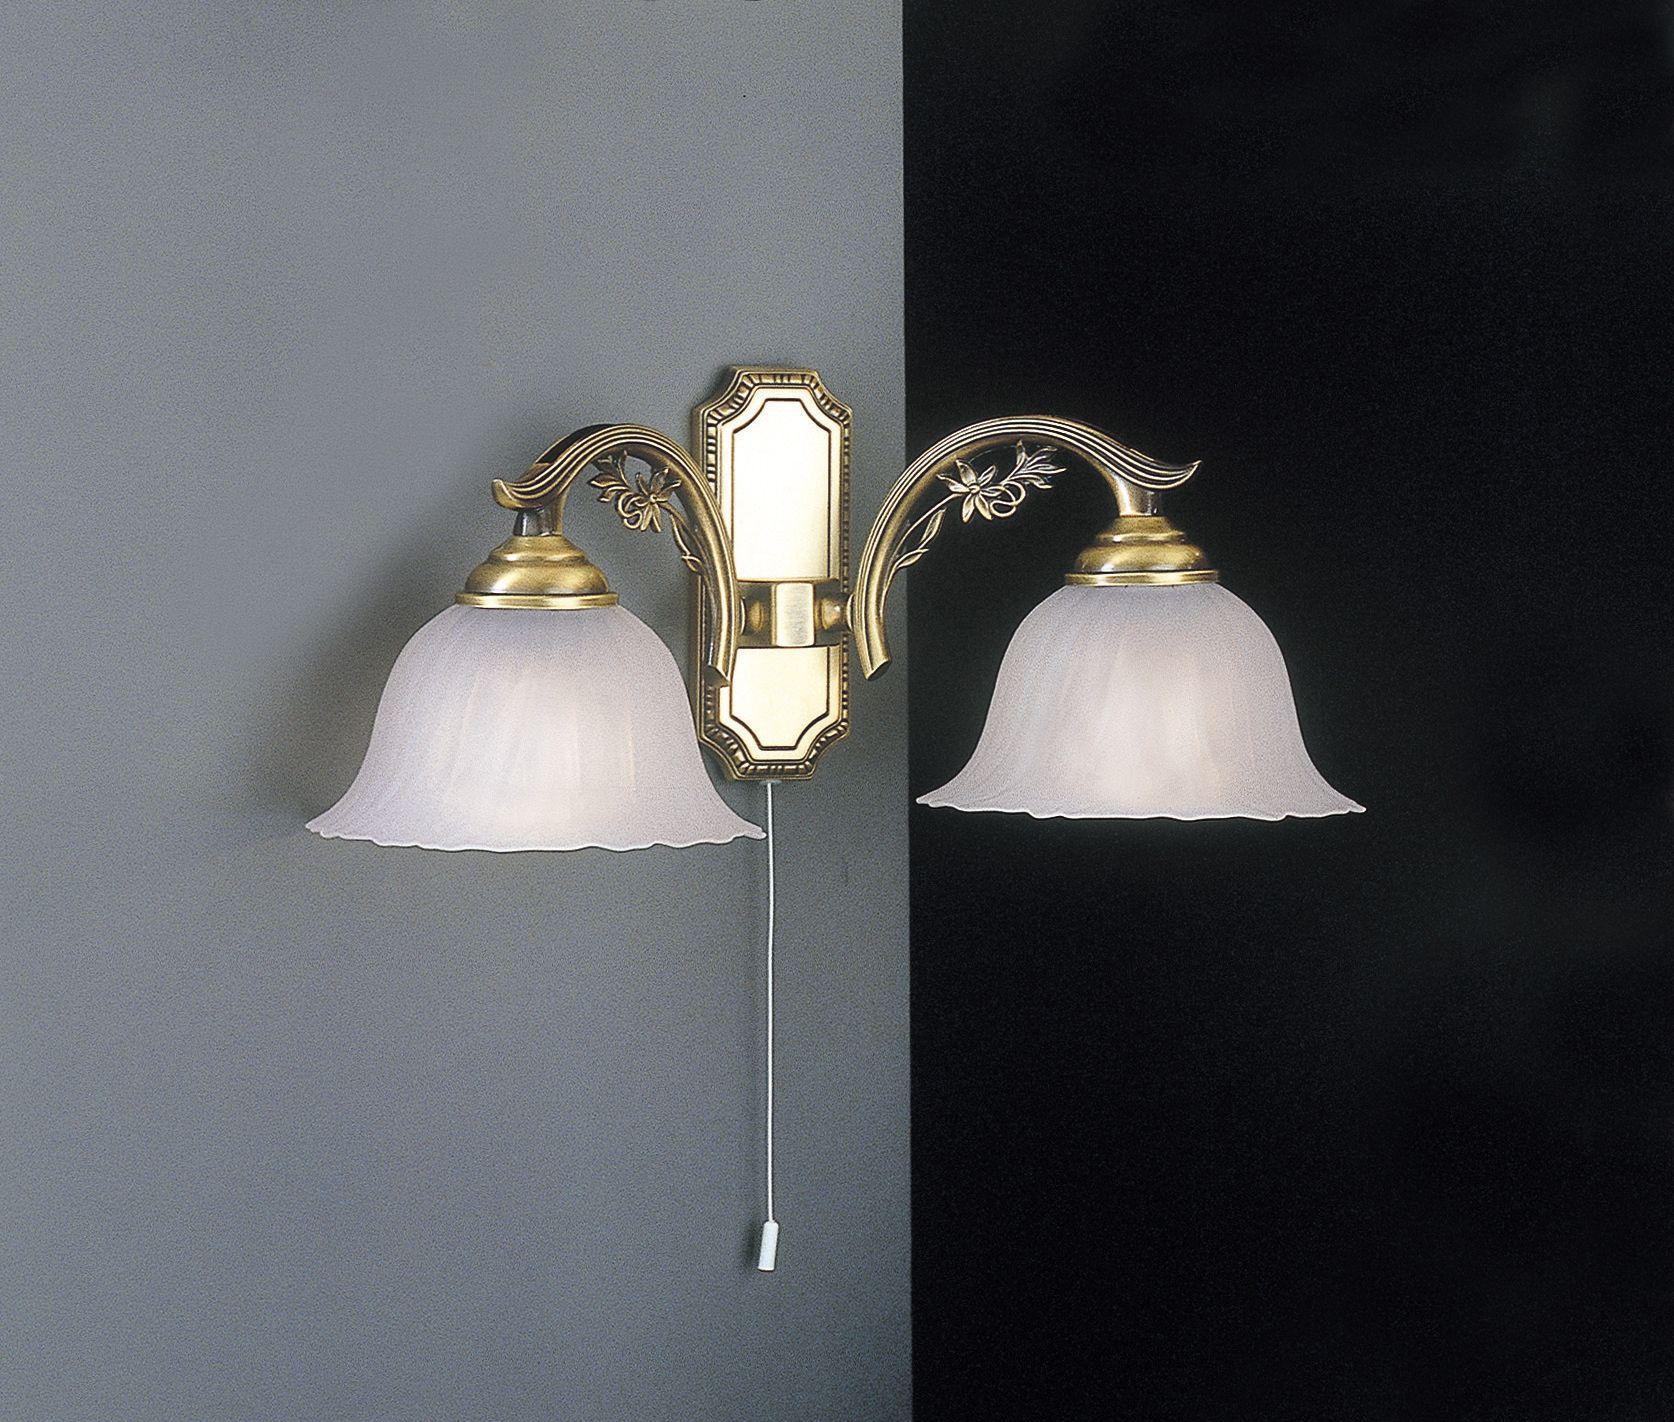 italienische klassische wandleuchte mit 2 lichter satin glas 2 reccagni store. Black Bedroom Furniture Sets. Home Design Ideas